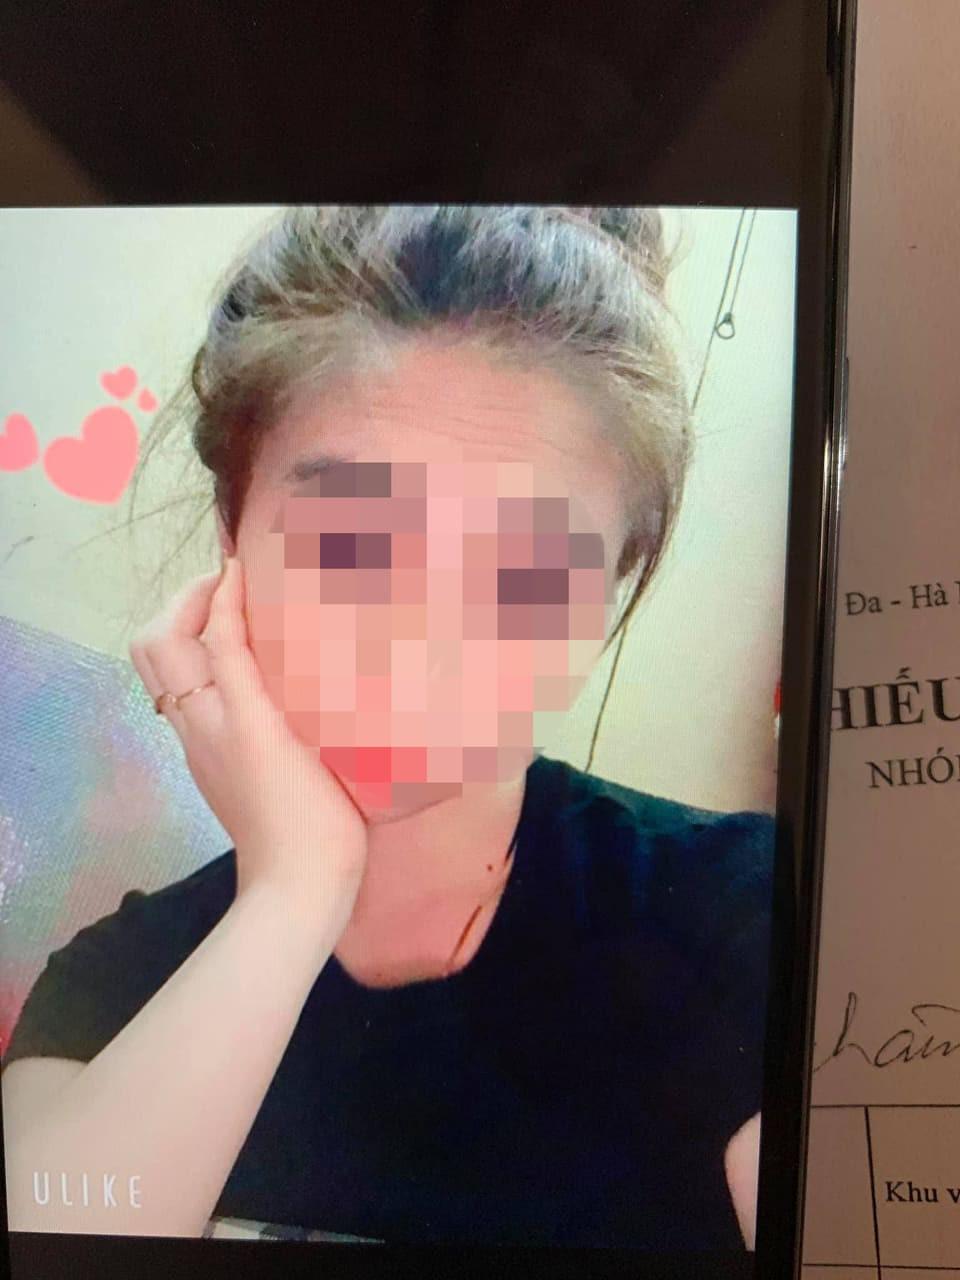 Bé gái 6 tuổi nghi bị bạn của bố xâm hại tập thể trong khách sạn: Cha mẹ ly hôn, nhà trường từng đuổi học vì nợ nần của người lớn - Ảnh 5